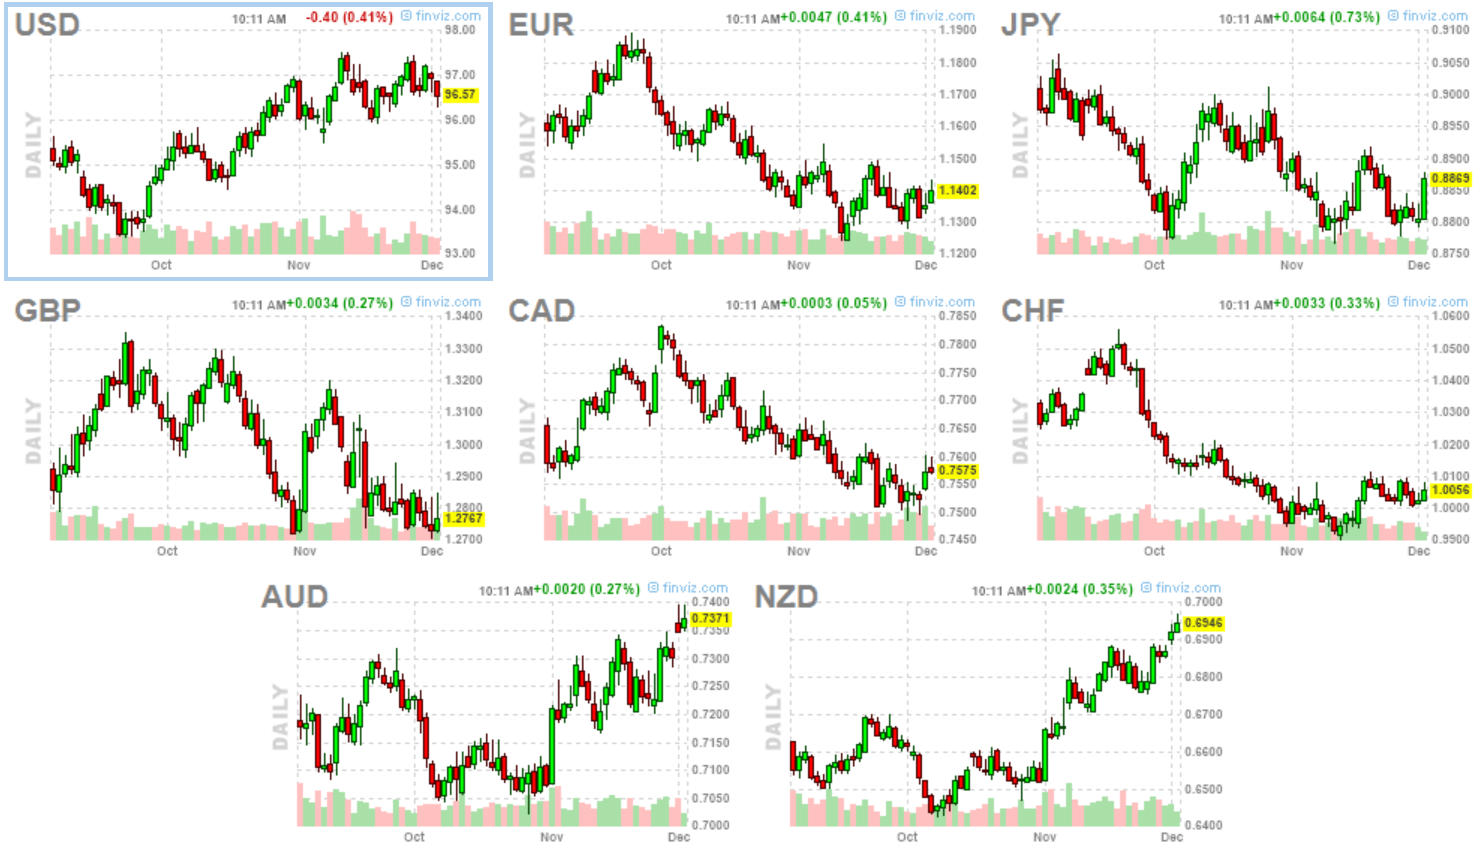 Sytuacja w europie i bieżąca siła indeksów walutowych – komentuje Rabobank